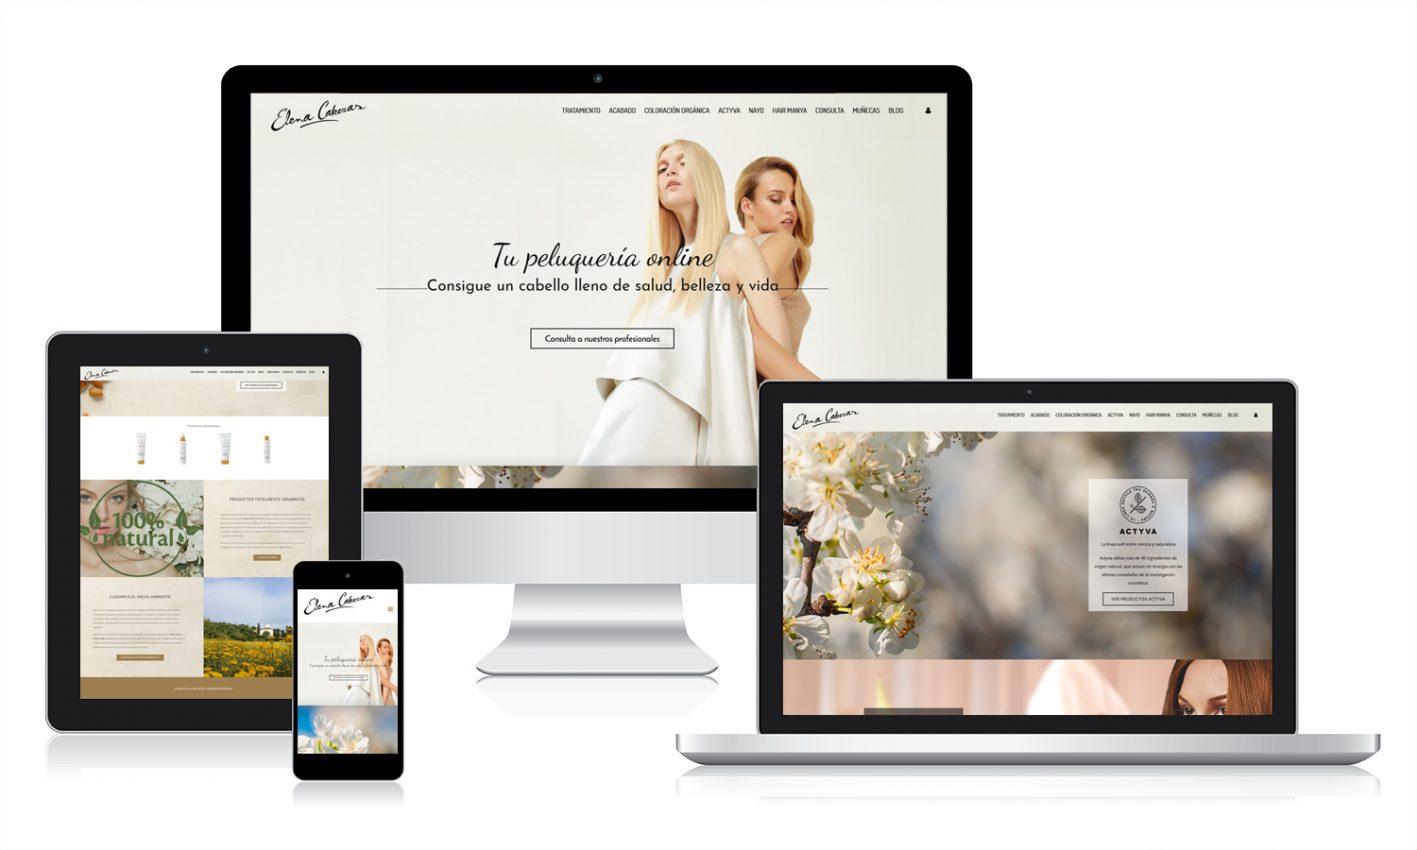 Desarrollo tienda online en Prestashop en Valladolid